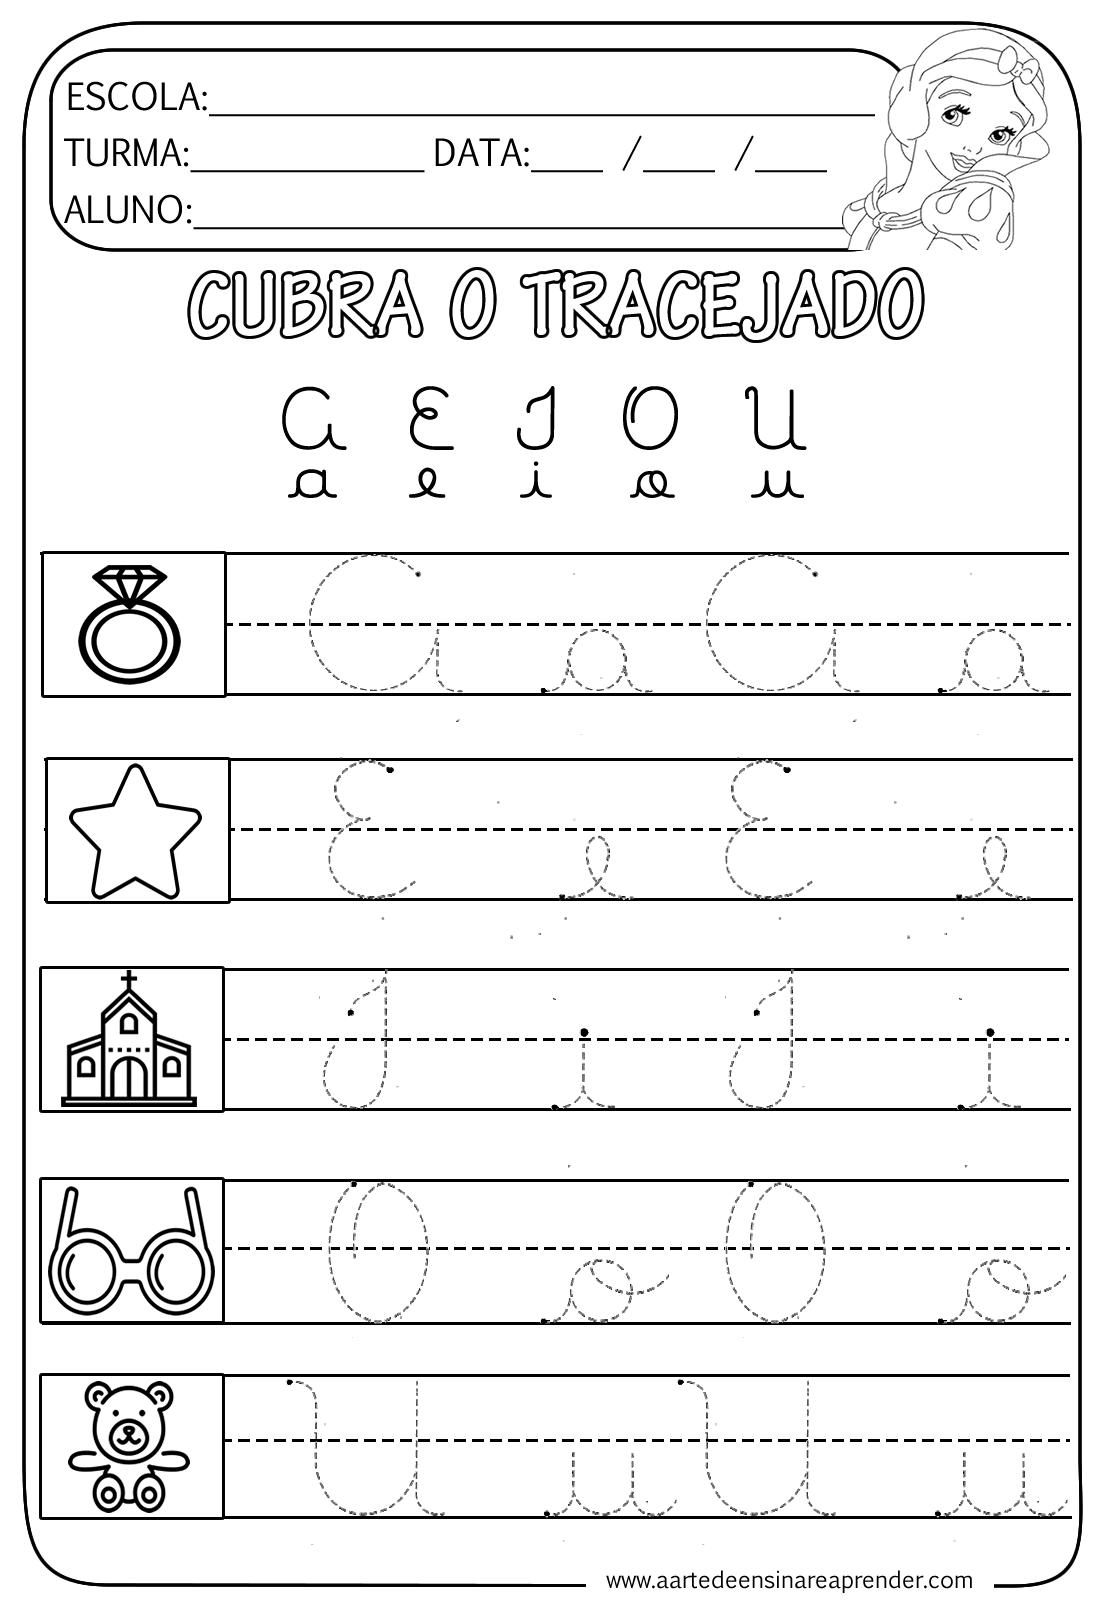 Vogais Cursivas